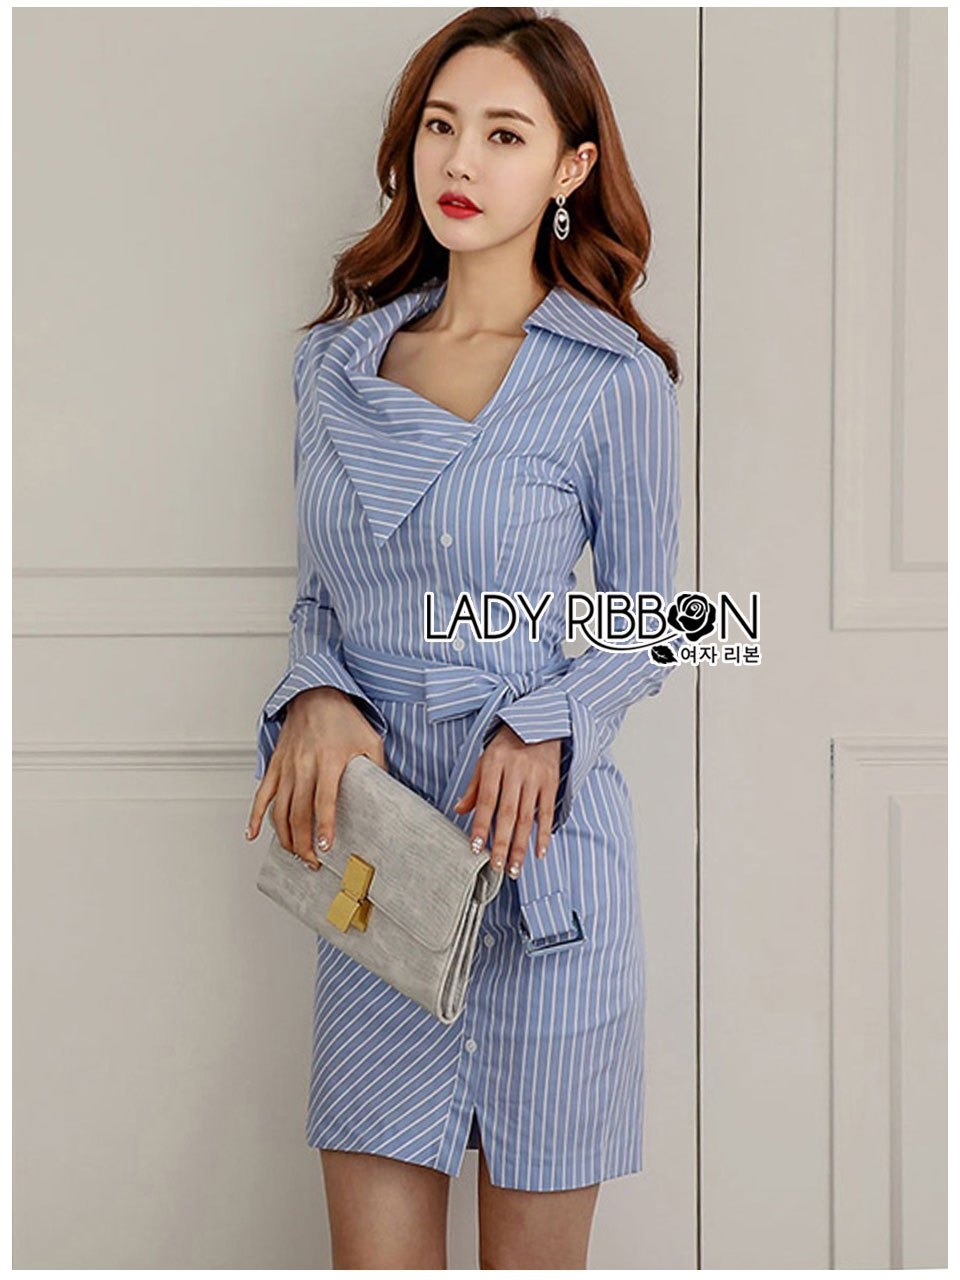 🎀 Lady Ribbon's Made 🎀 Lady Jennifer Sexy Chic Striped Shirt Dress